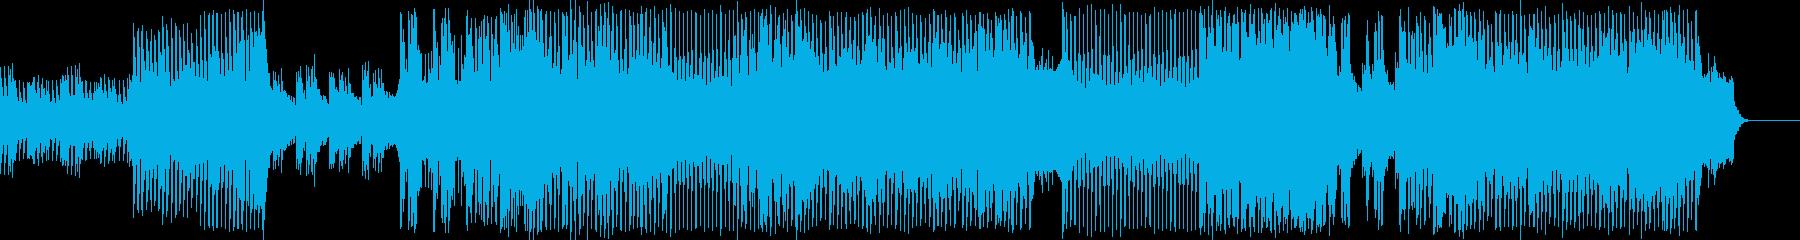 ピアノメインのドラマテックなEDMの再生済みの波形